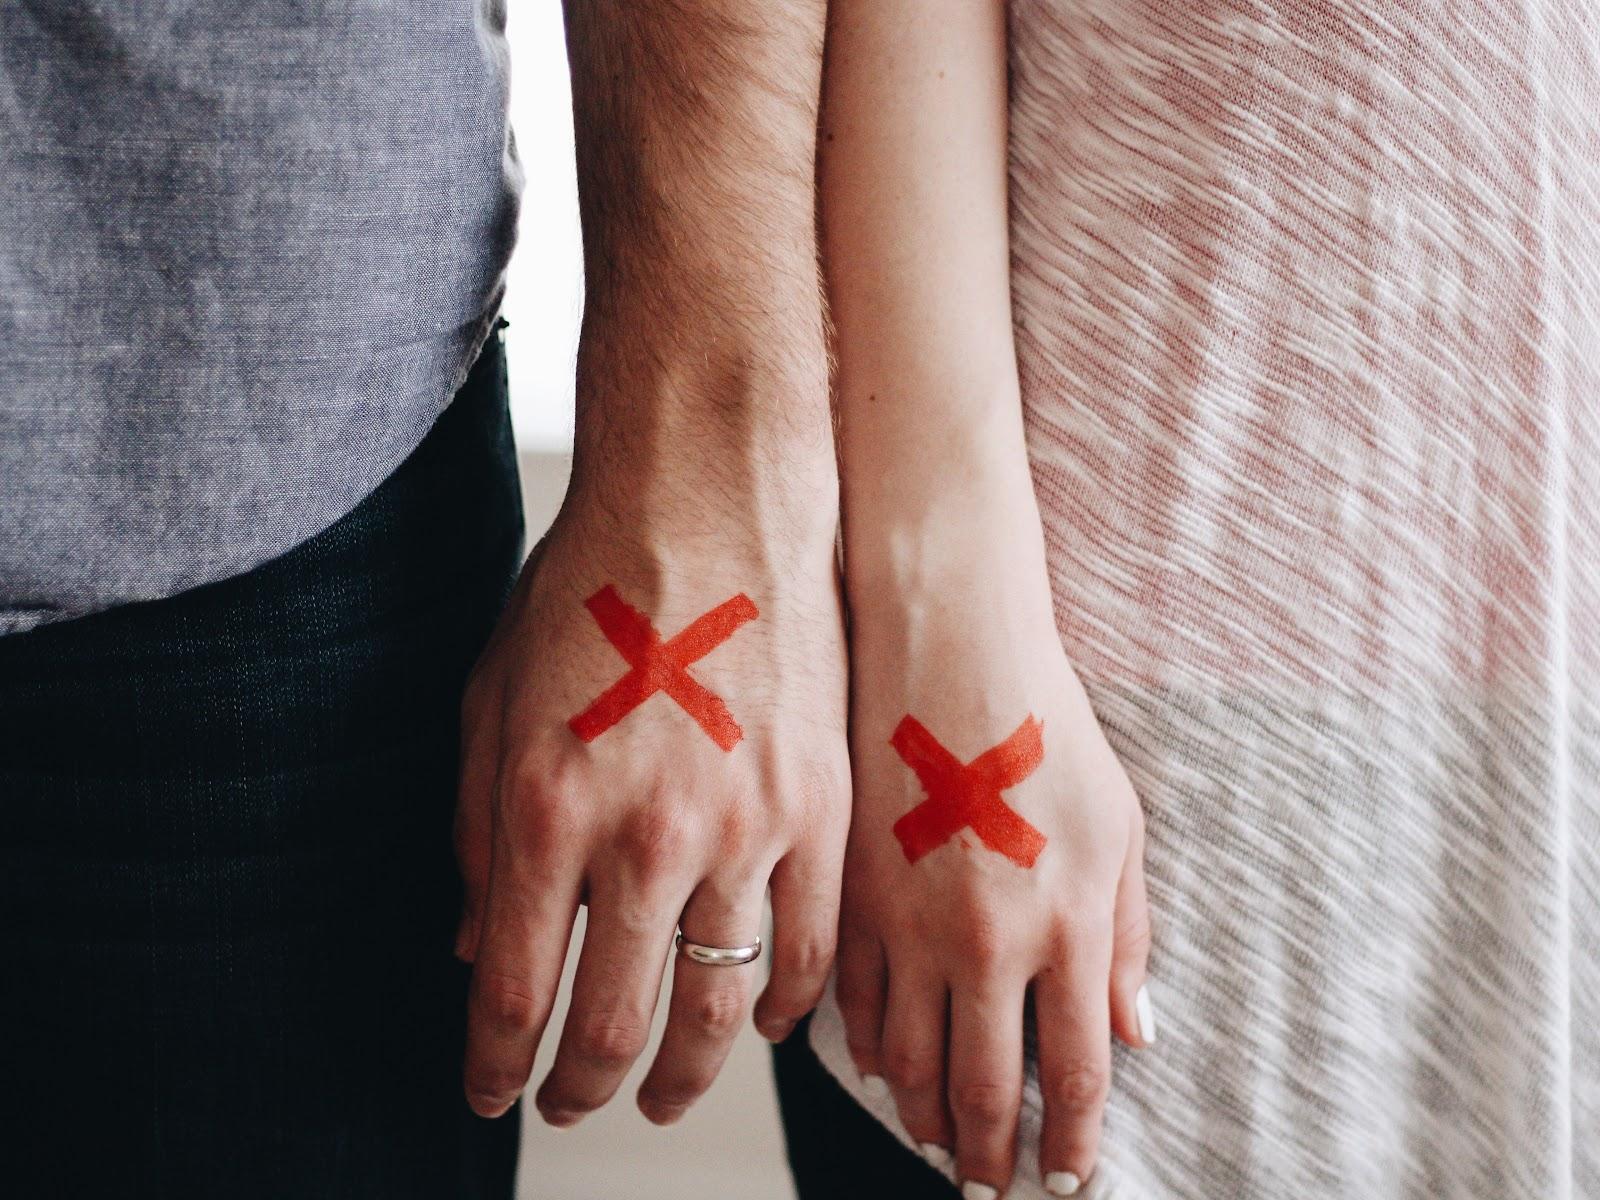 """Chiến thuật """"im lặng"""" sau khi chia tay có hữu dụng không?"""